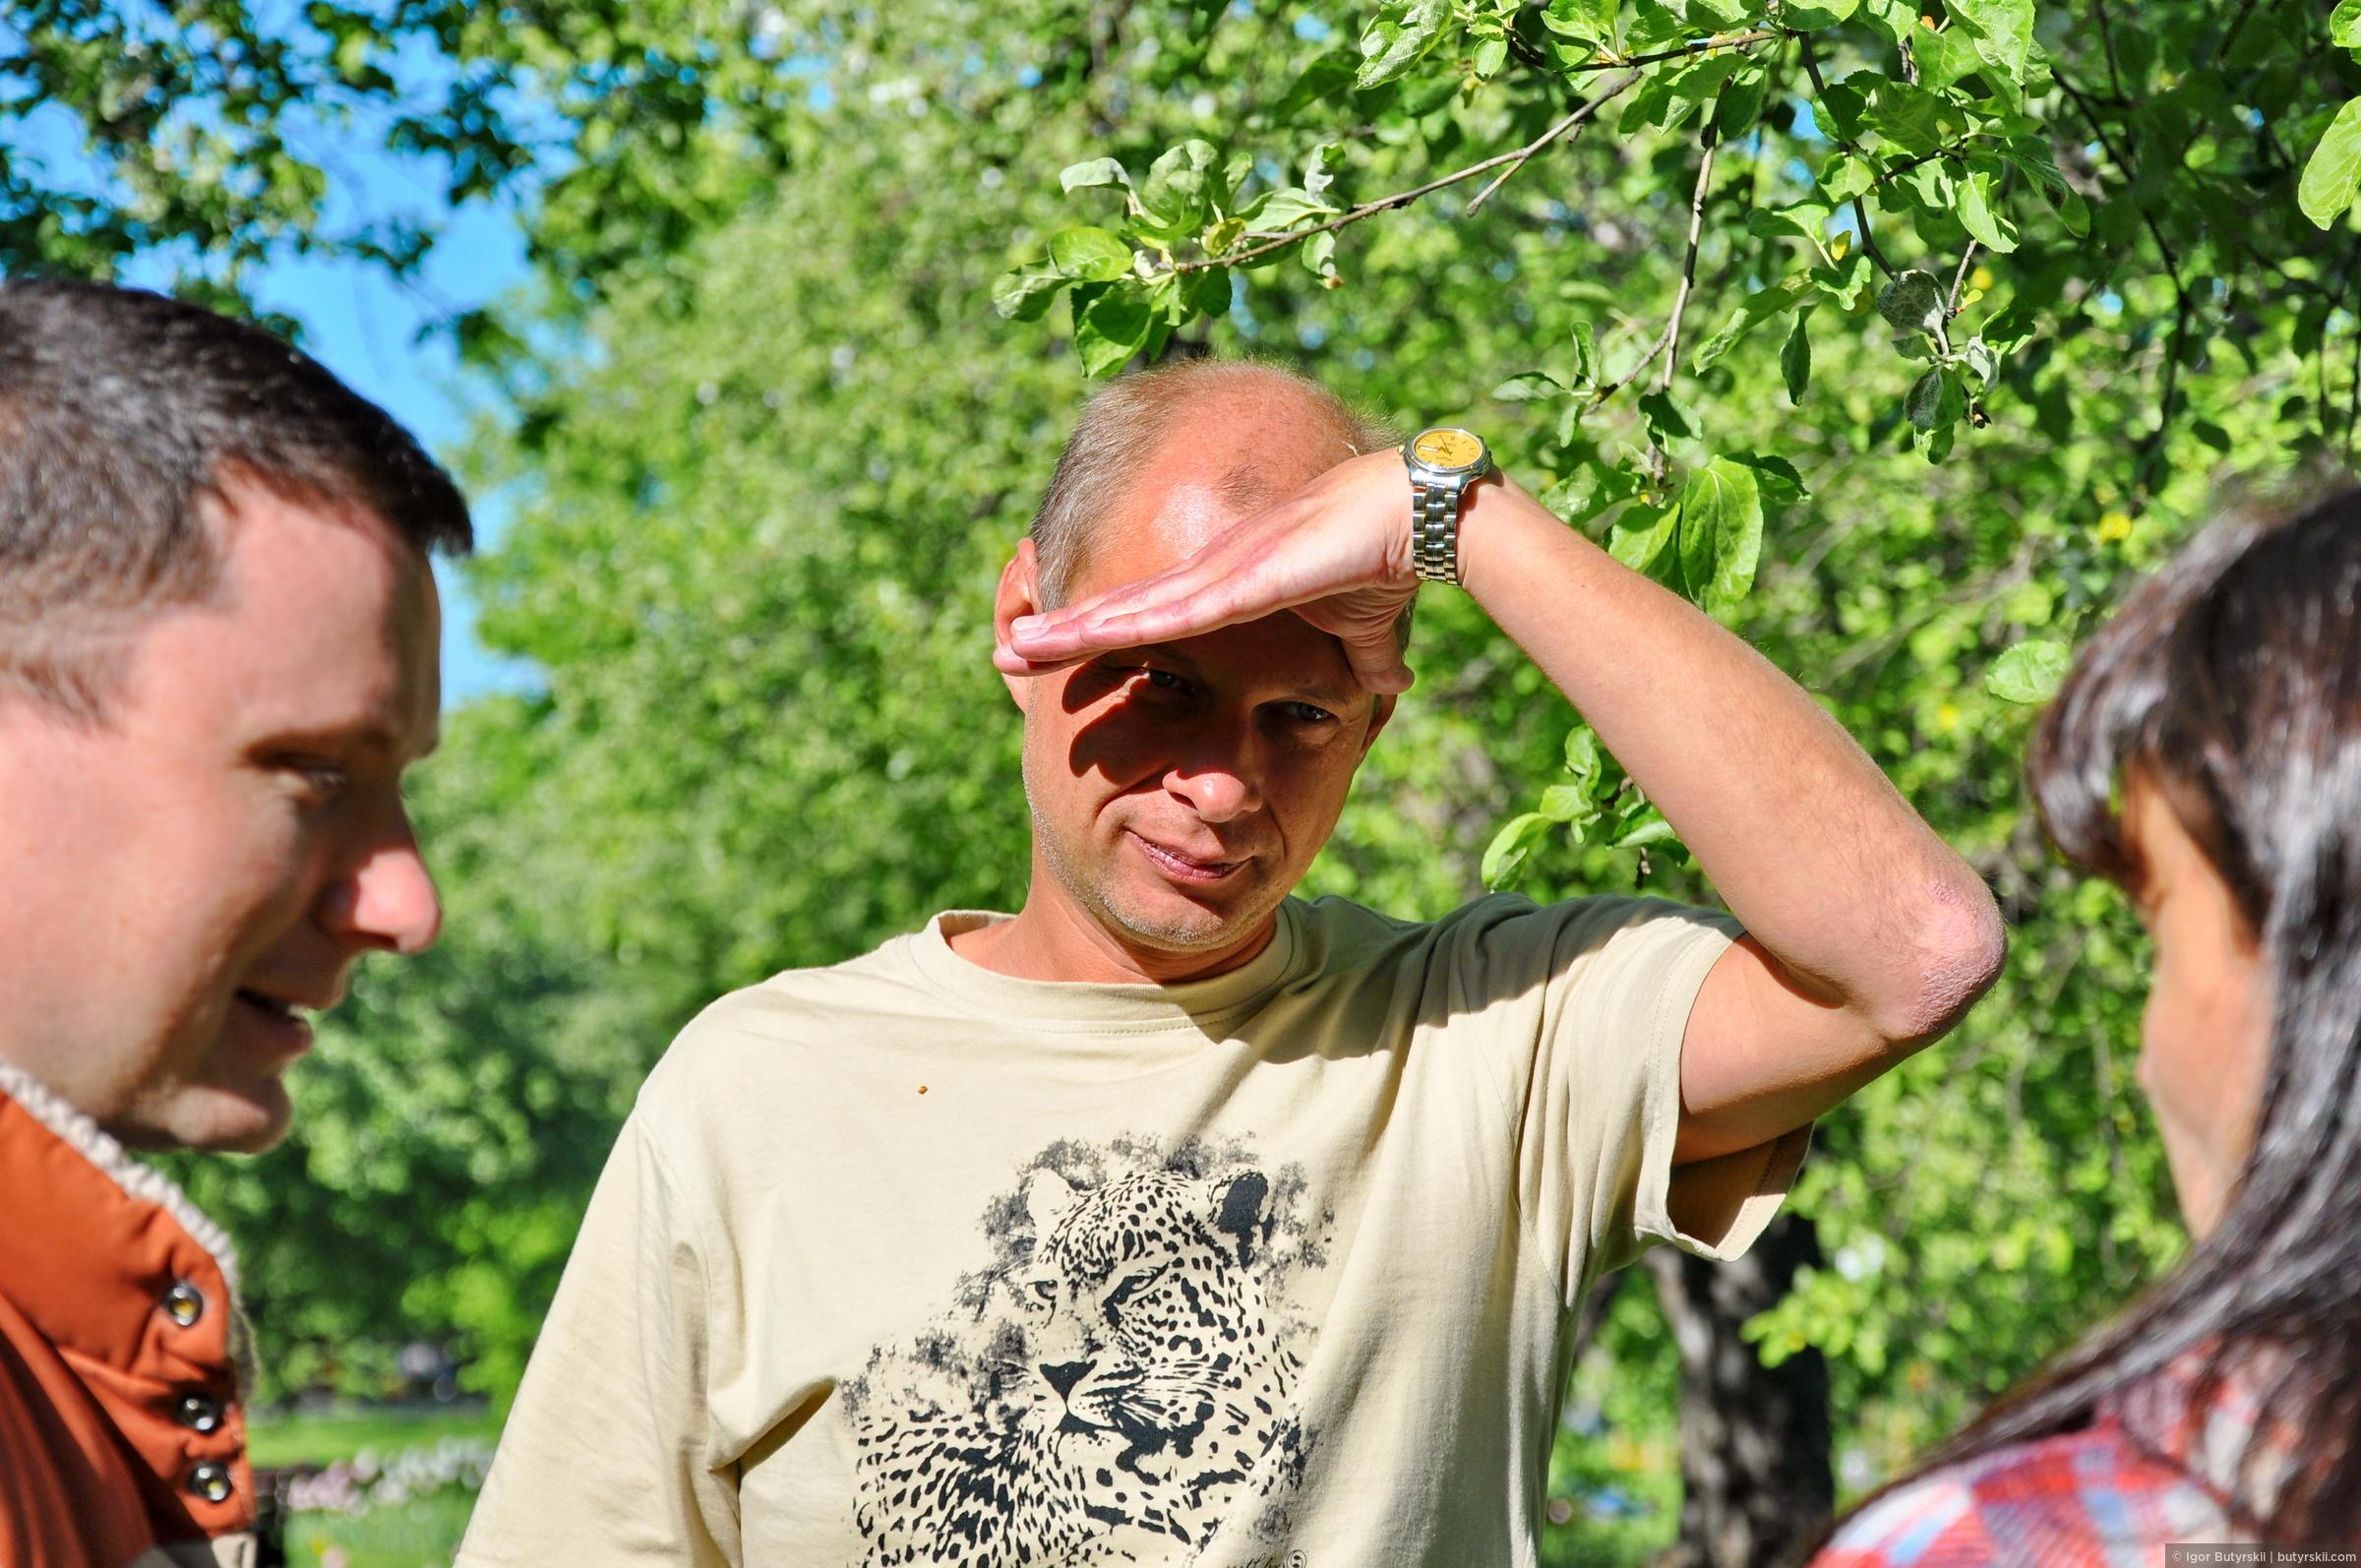 """Максим (<a href=""""http://maksim-nav.tourister.ru/"""" target=""""_blank"""" class=""""ext_link""""><strong>Maksim-nav</strong></a>), Олег (<a href=""""http://nomad.tourister.ru/"""" target=""""_blank""""  class=""""ext_link""""><strong>Nomad</strong></a>), Наталья (<a href=""""http://natchen.tourister.ru/"""" target=""""_blank"""" class=""""ext_link""""><strong>Natchen</strong></a>), Туристер встреча-2016 в Коломенском"""